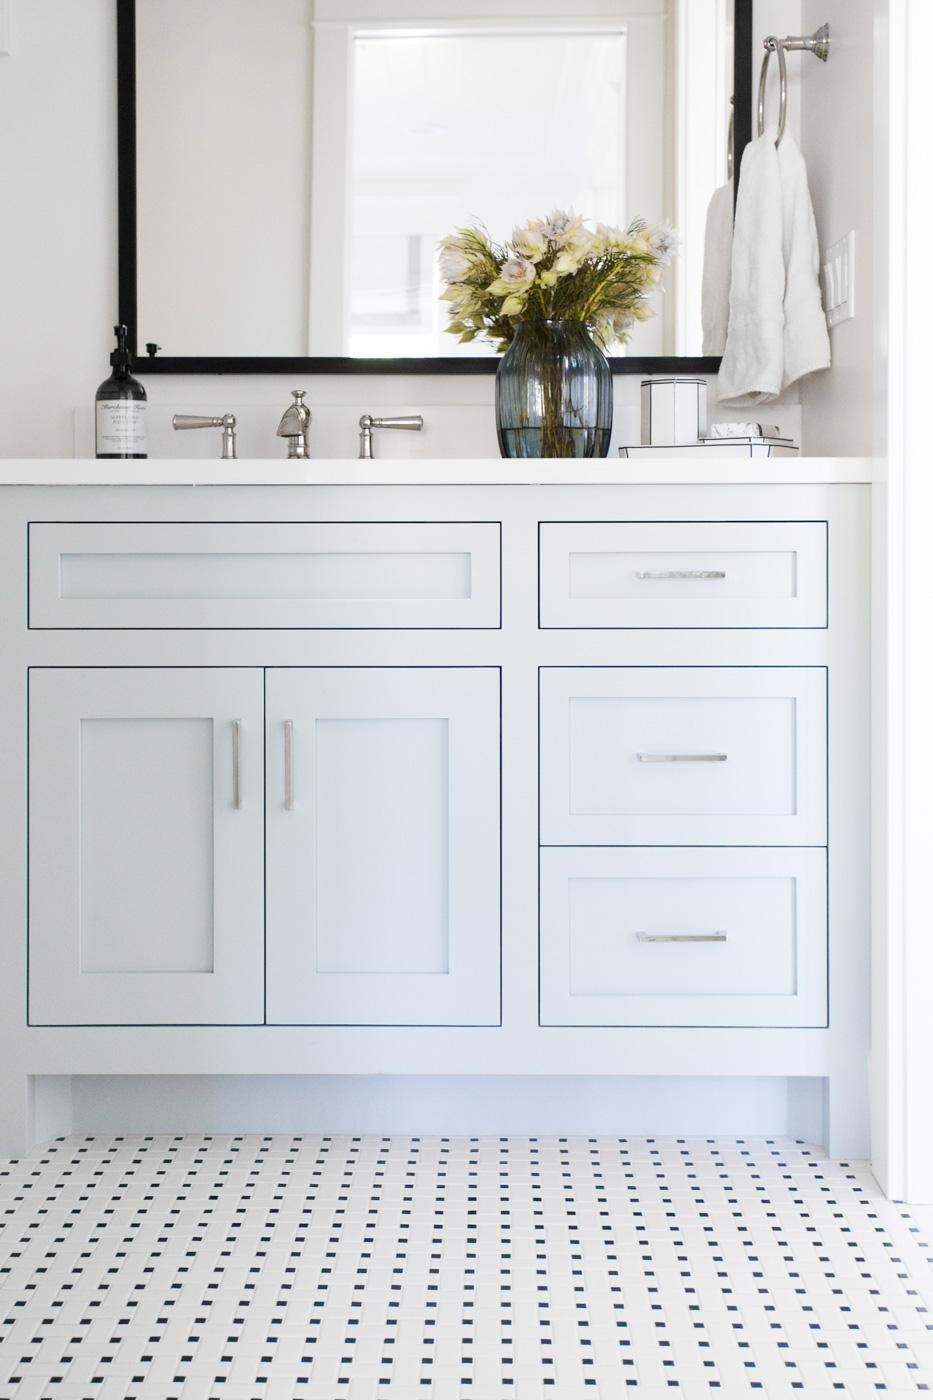 White vanity on small white tiles